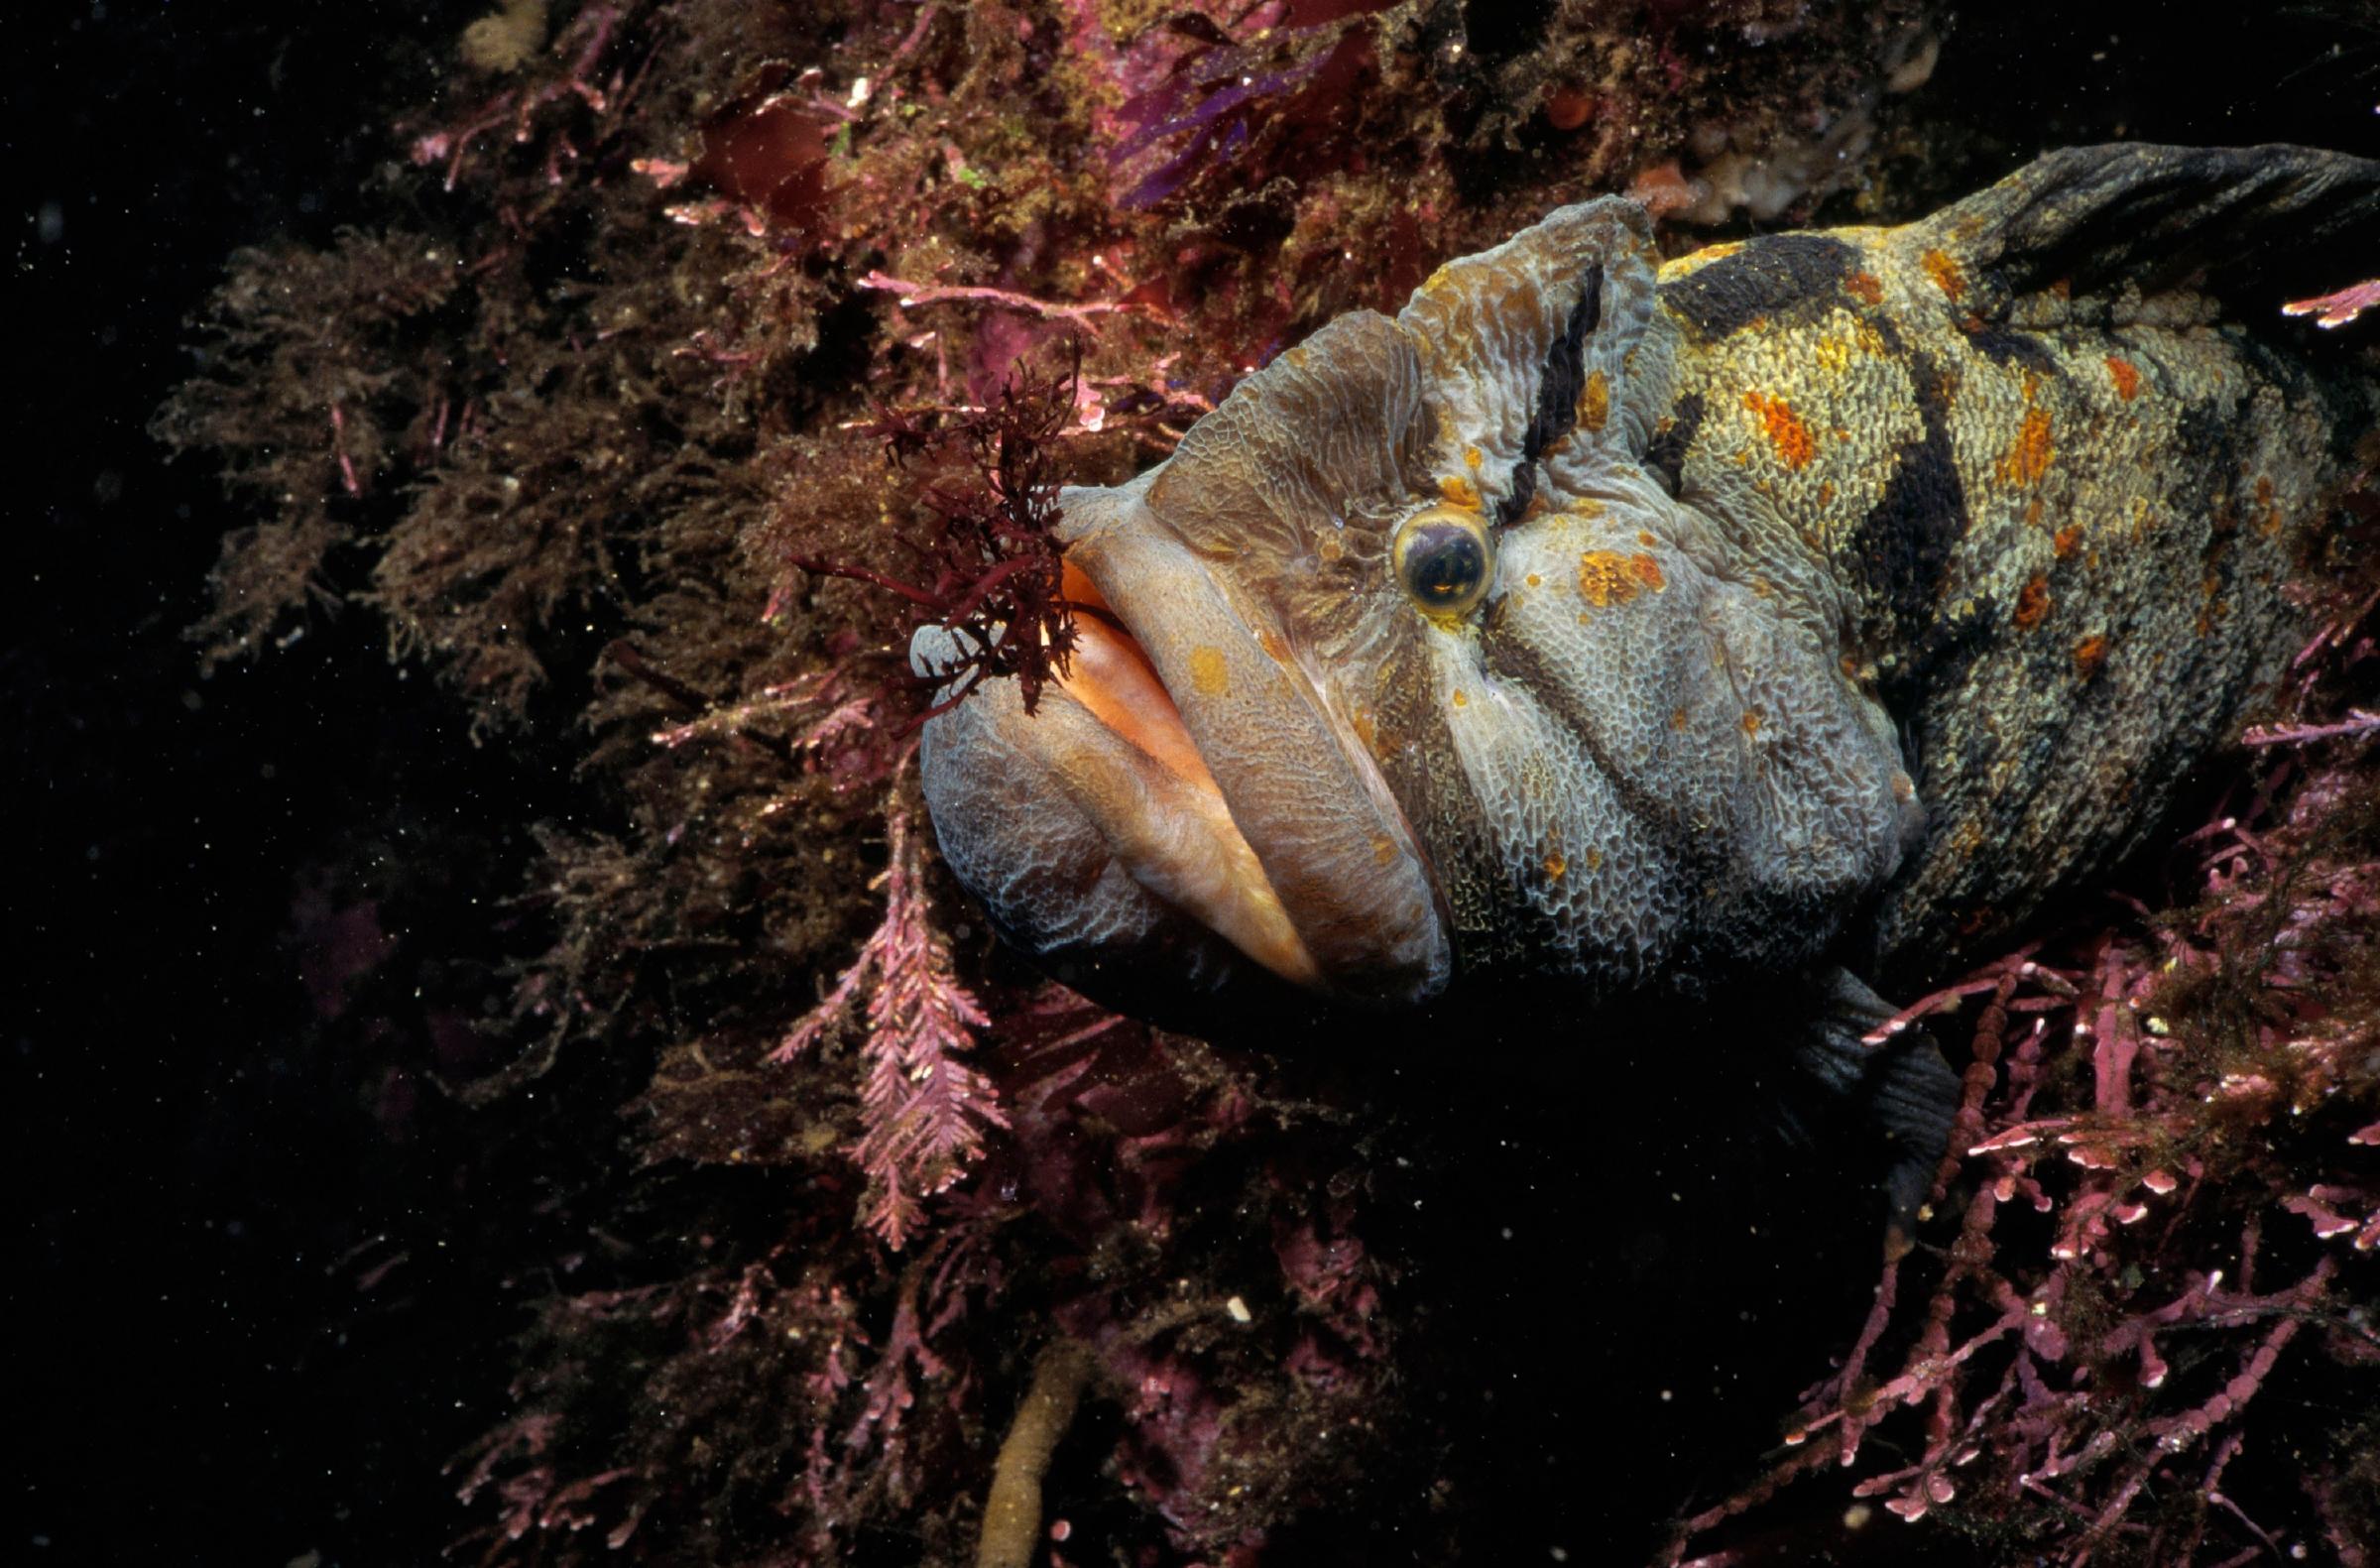 The Monkeyface Eel. Image Courtesy of Monterey Bay Aquarium.